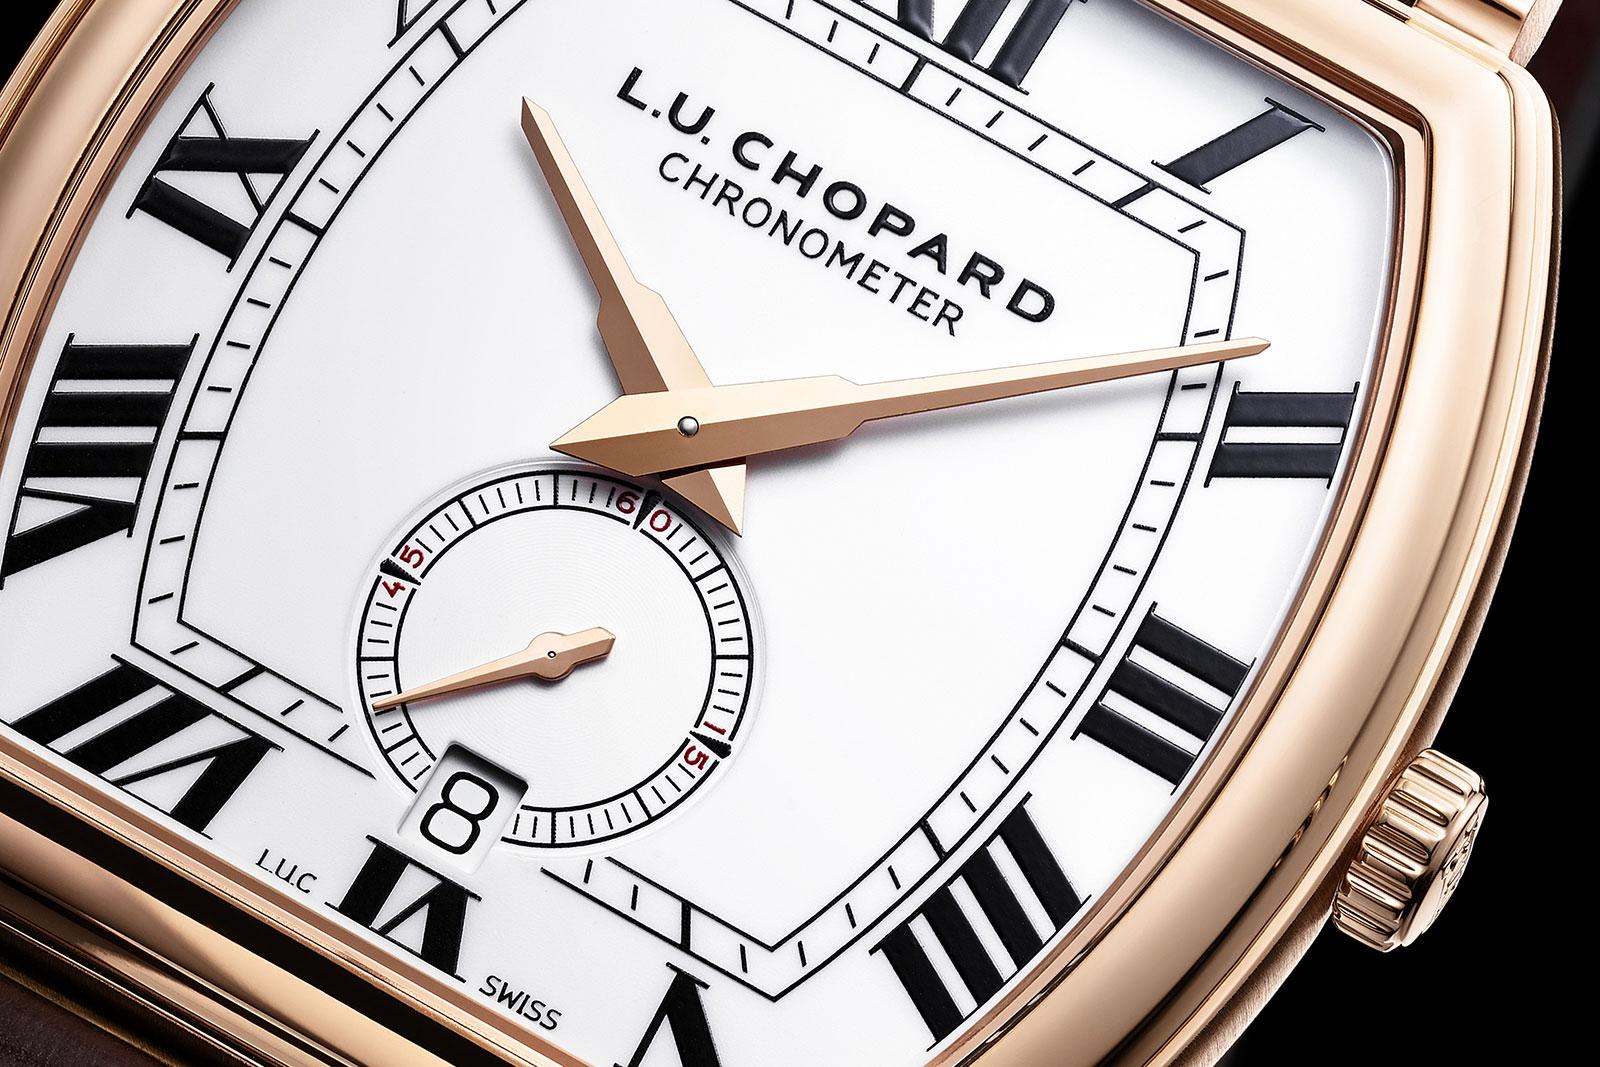 Chopard LUC Heritage Grand Cru 3